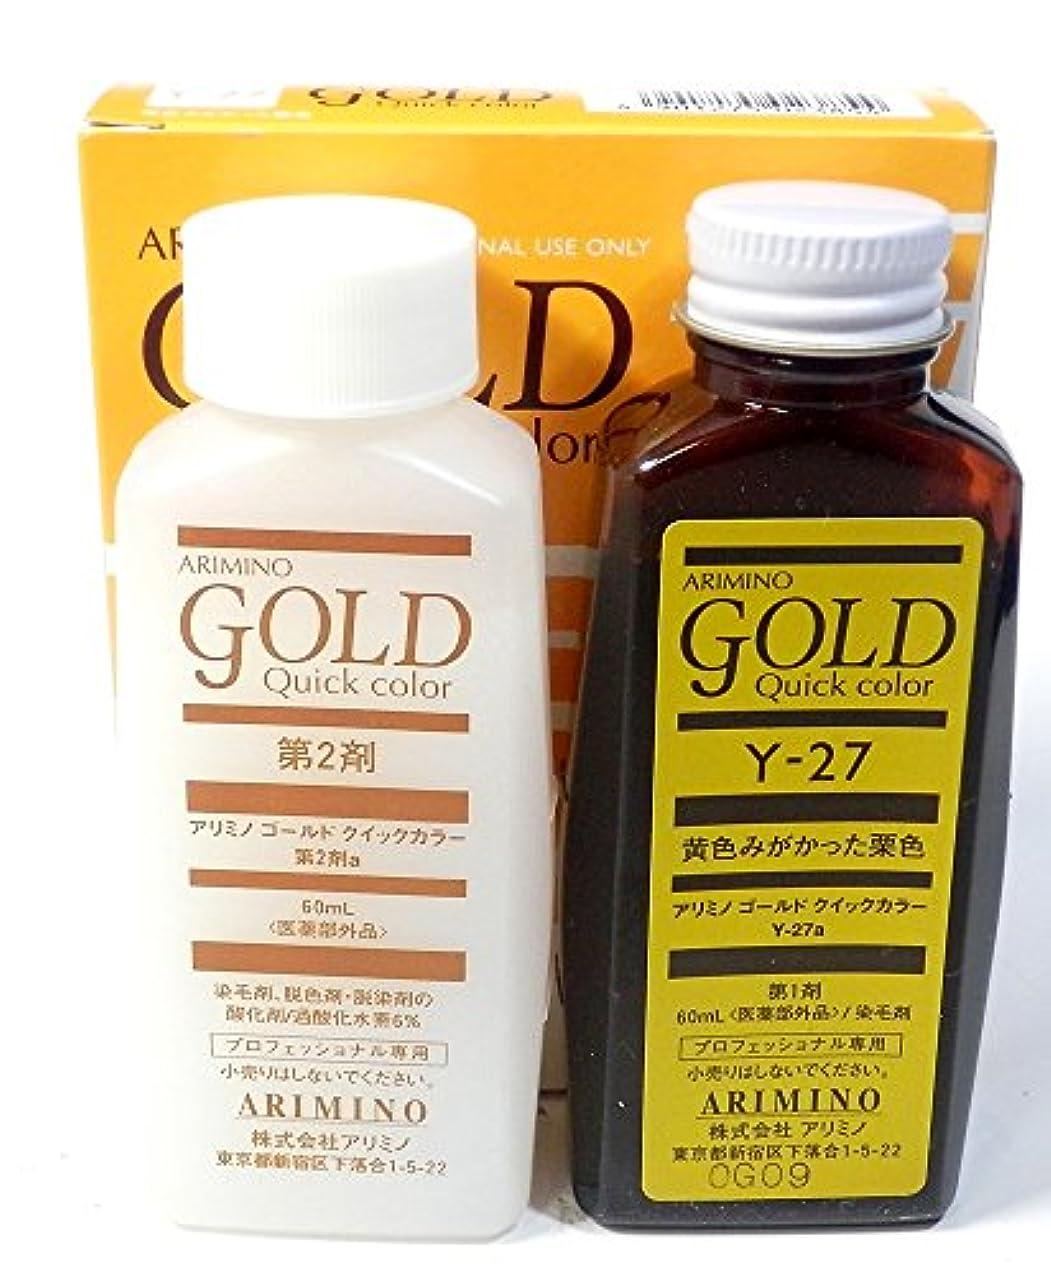 バランスのとれたベッド申し立てられたアリミノ ARIMINO ゴールド クイックカラー Y-27 白髪染め 新品 黄色みがかった栗色